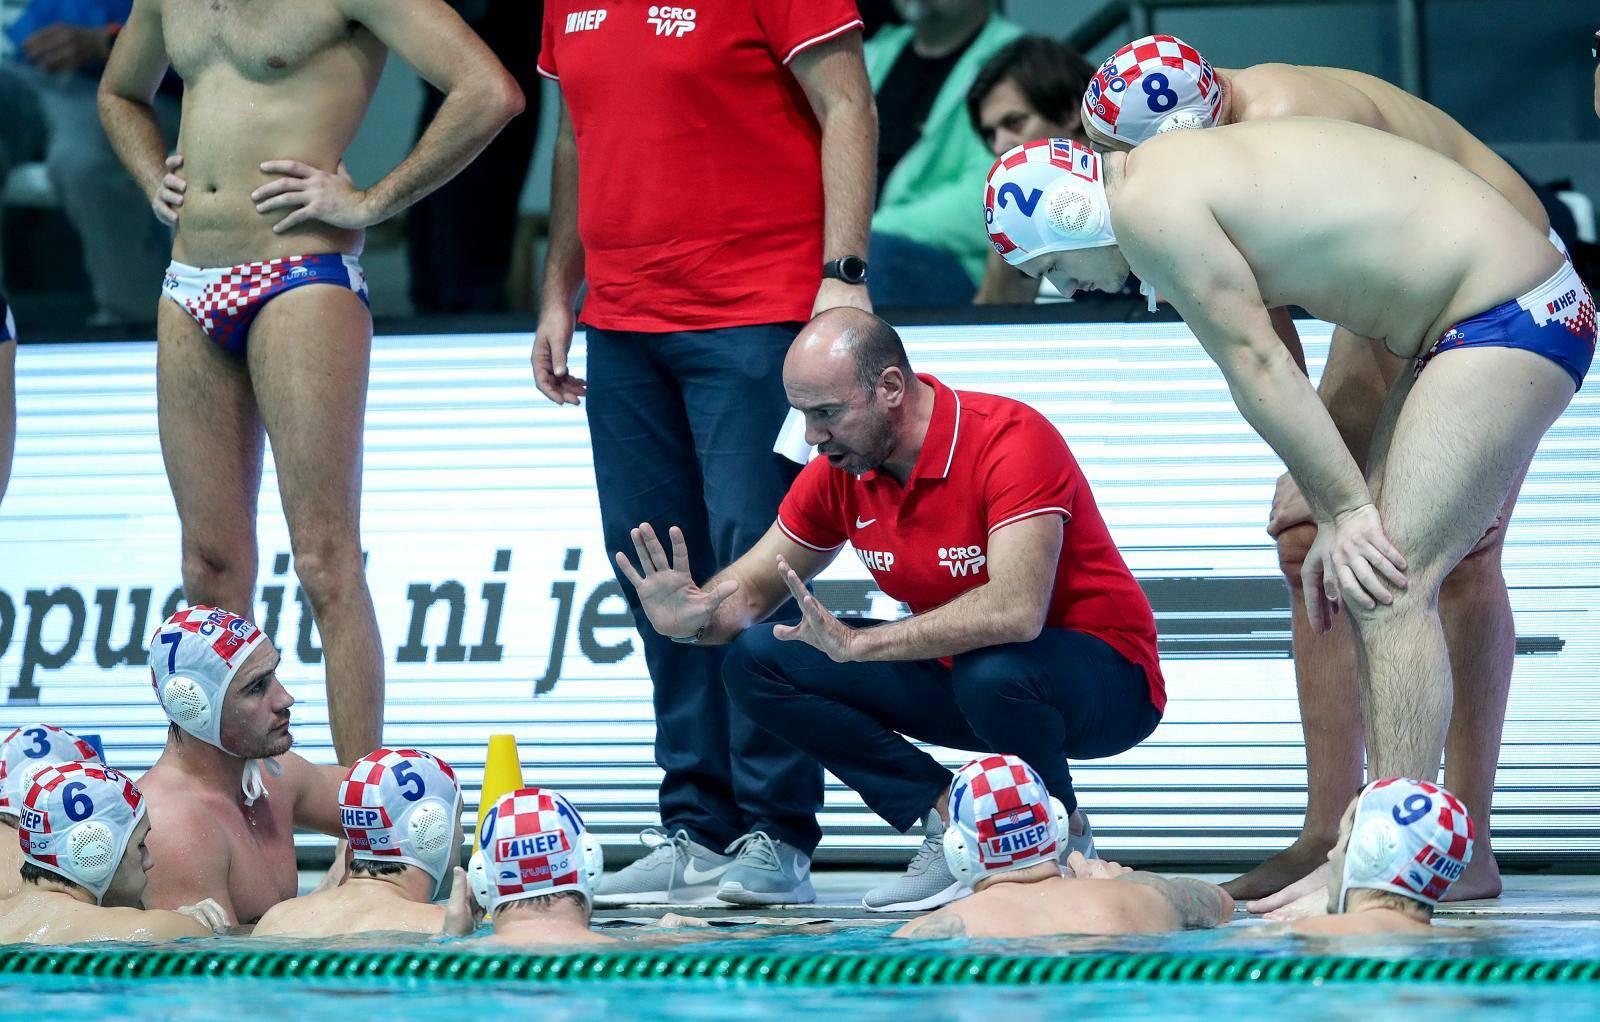 Zagreb: Prijateljska vaterpolo utakmica između reprezentacije Hrvatske i Rusije